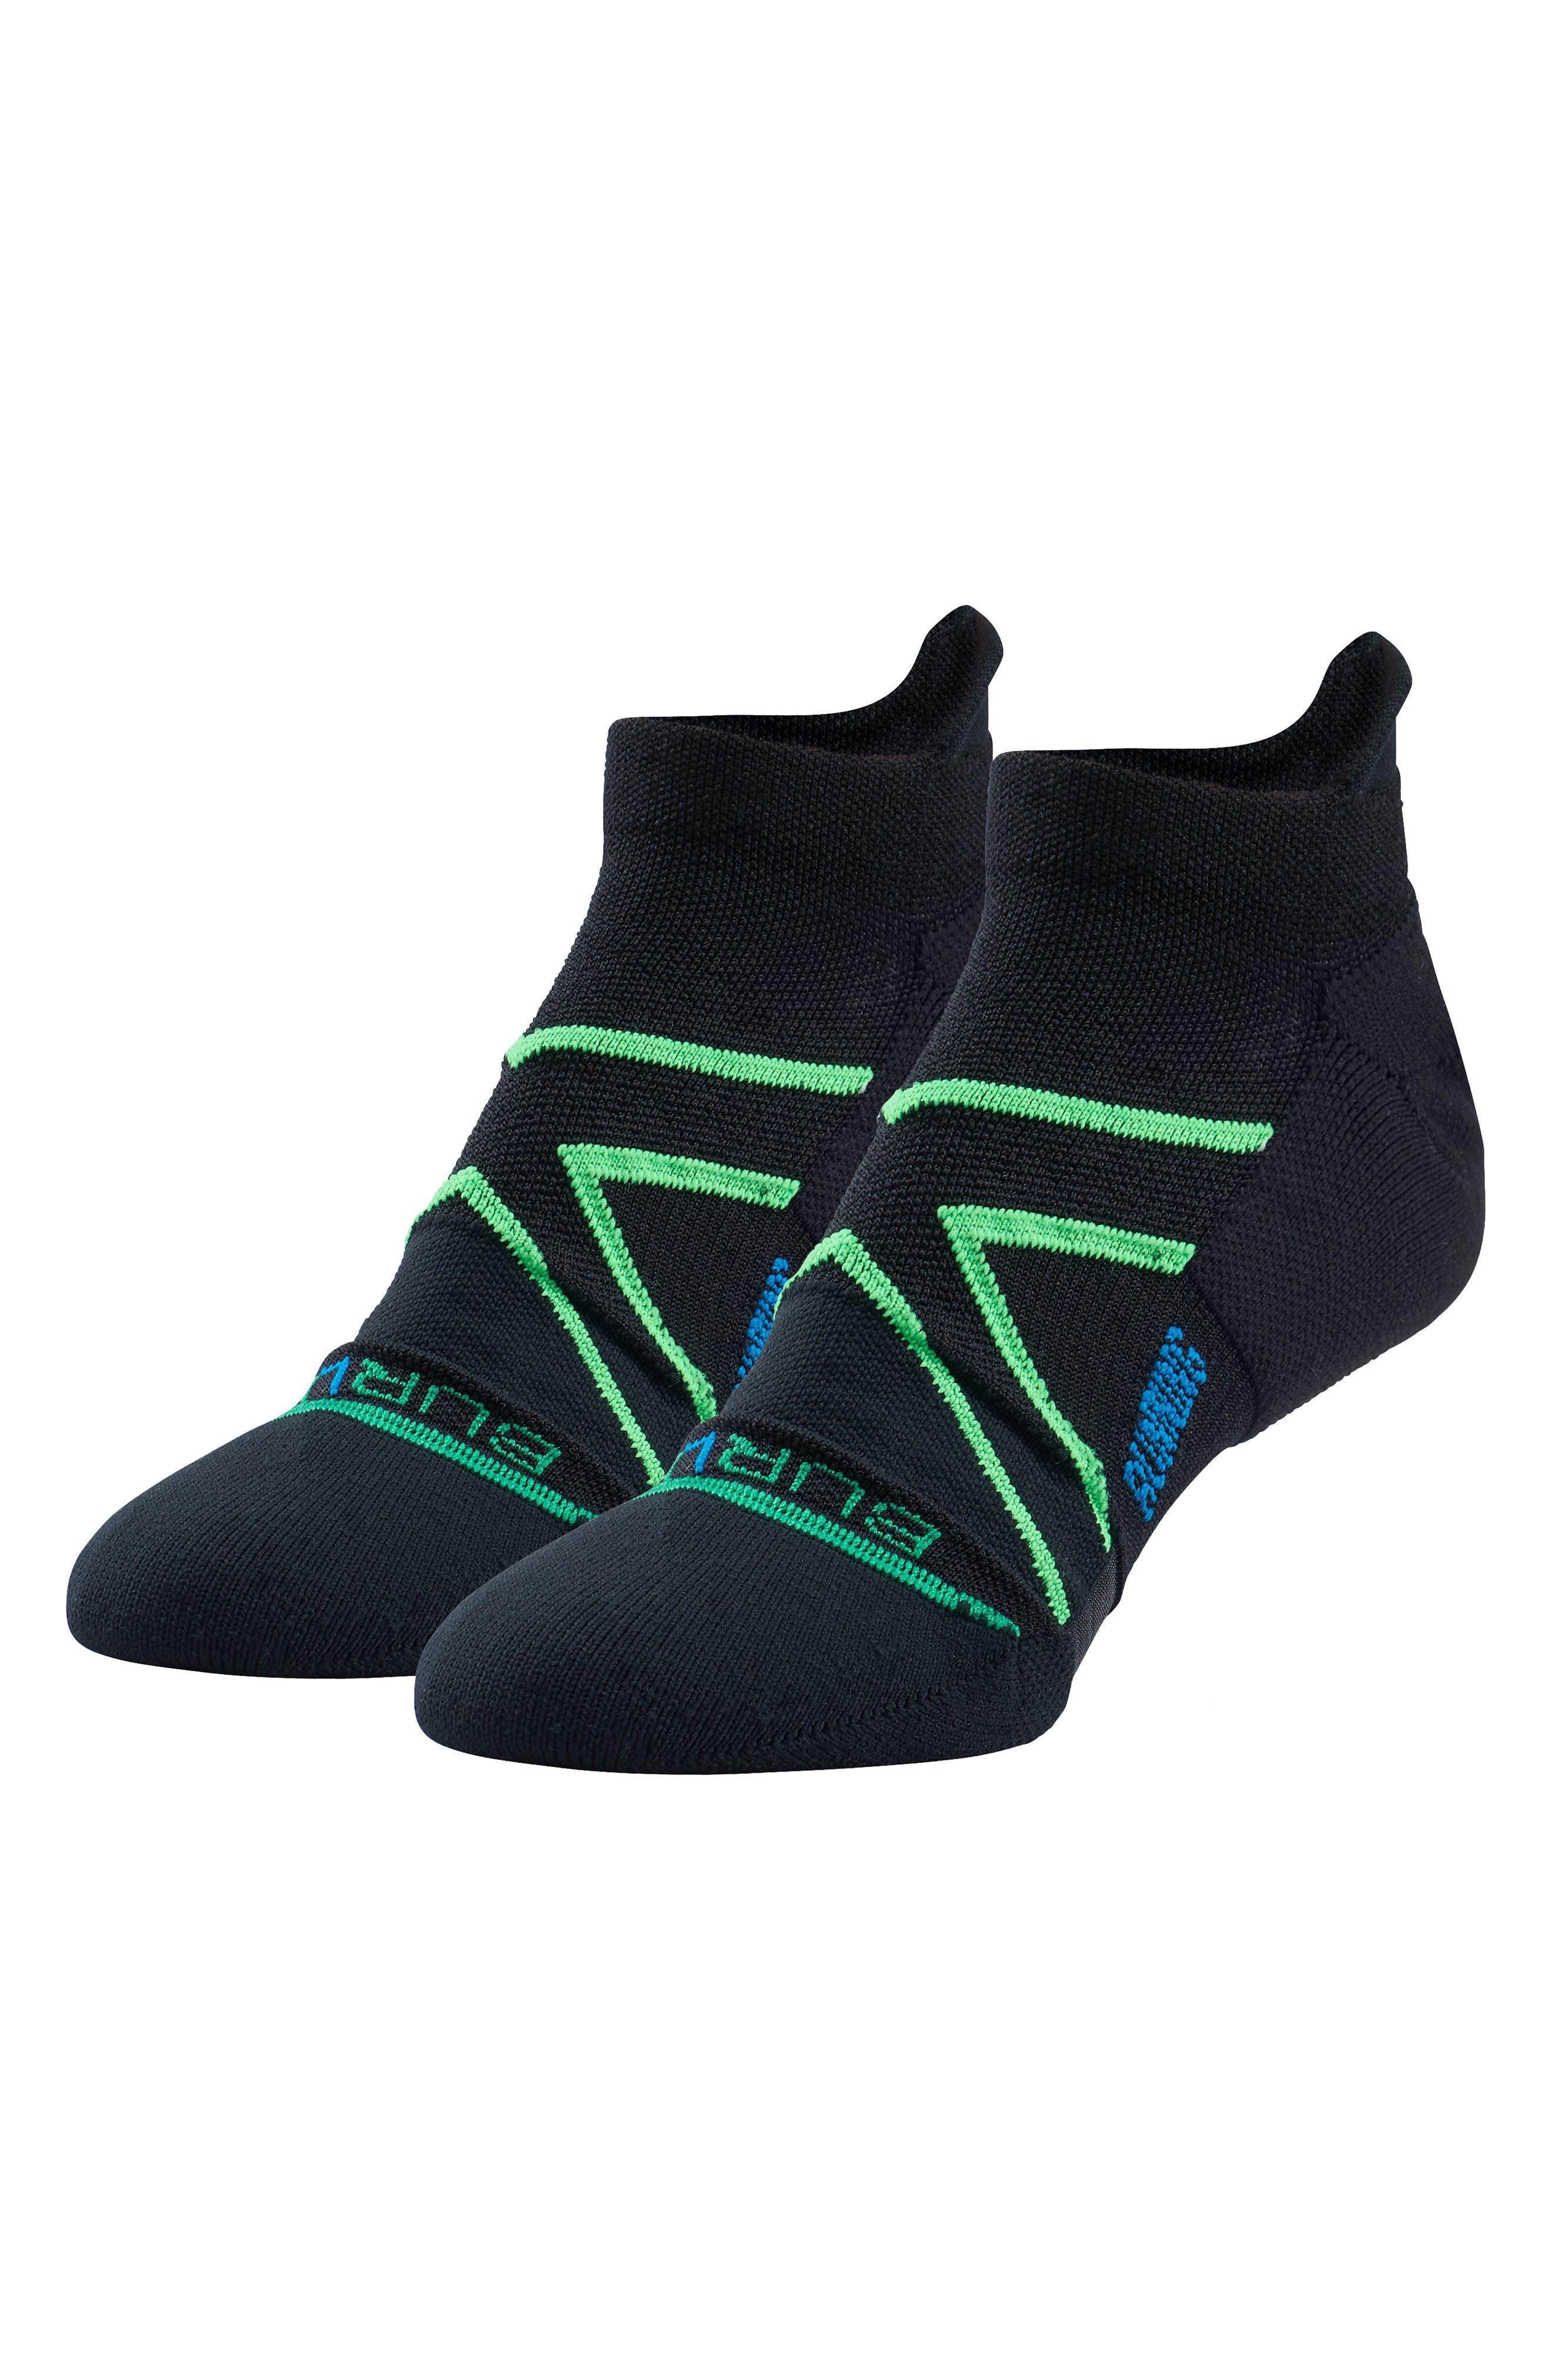 Assorted 2-Pack Sport Running Liner Socks